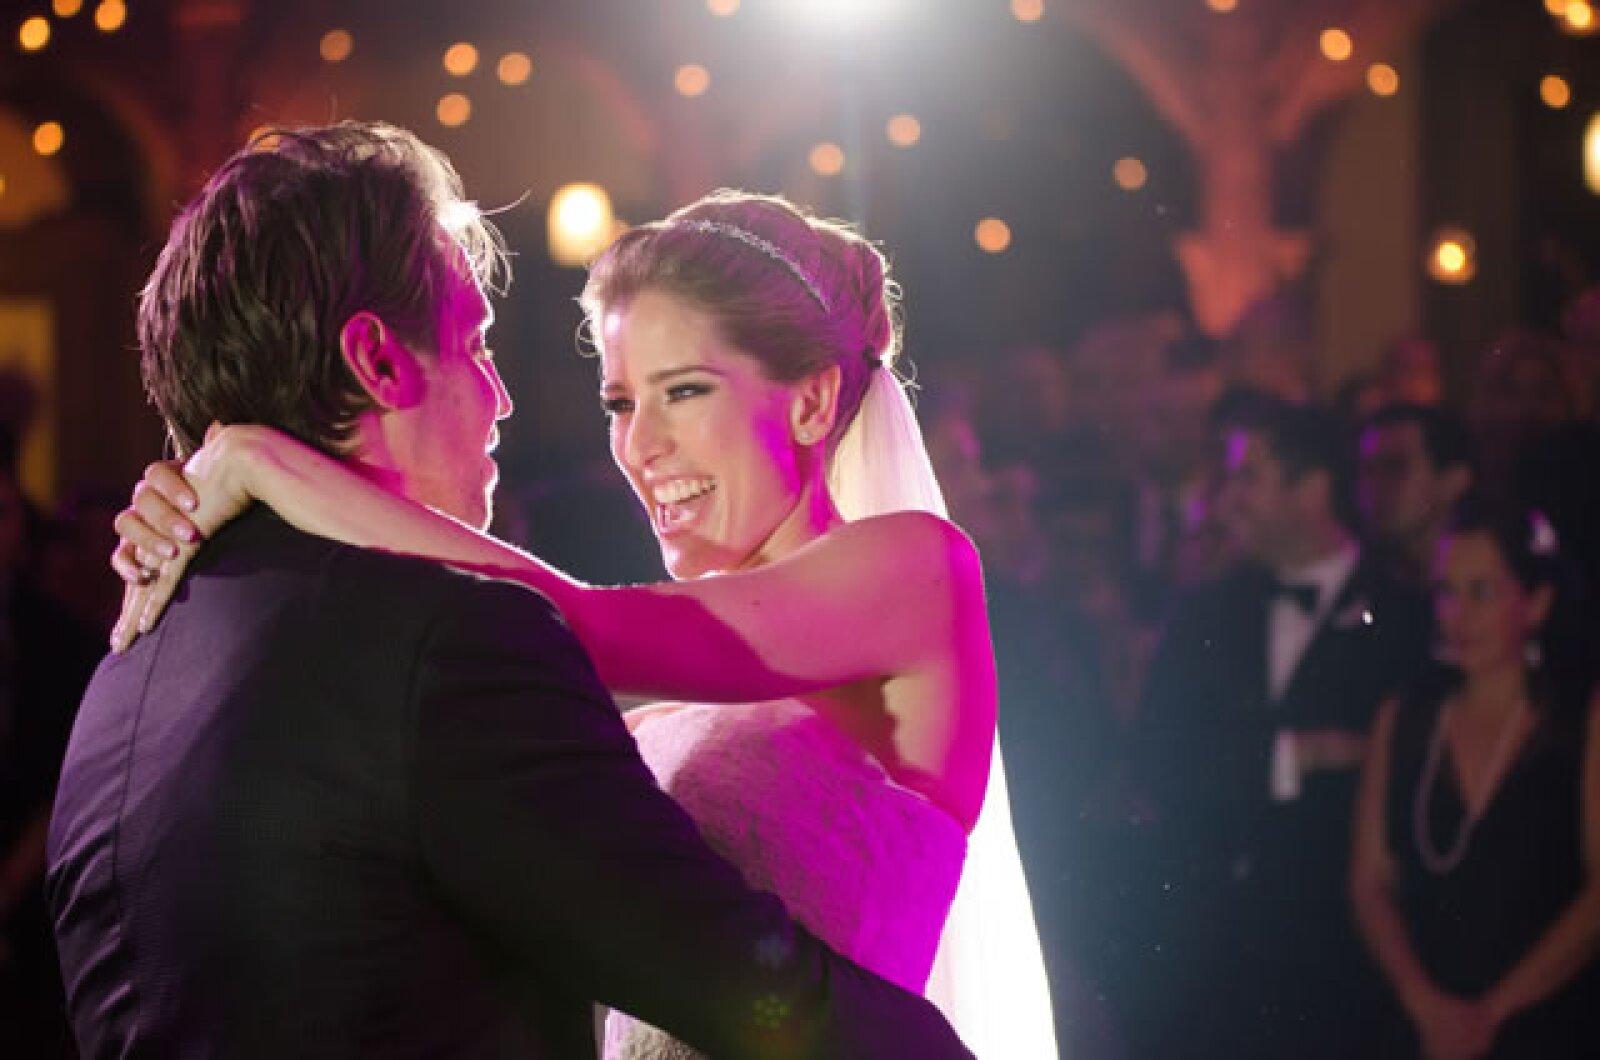 El maquillaje de la novia fue realizado por Daniel Lezama.